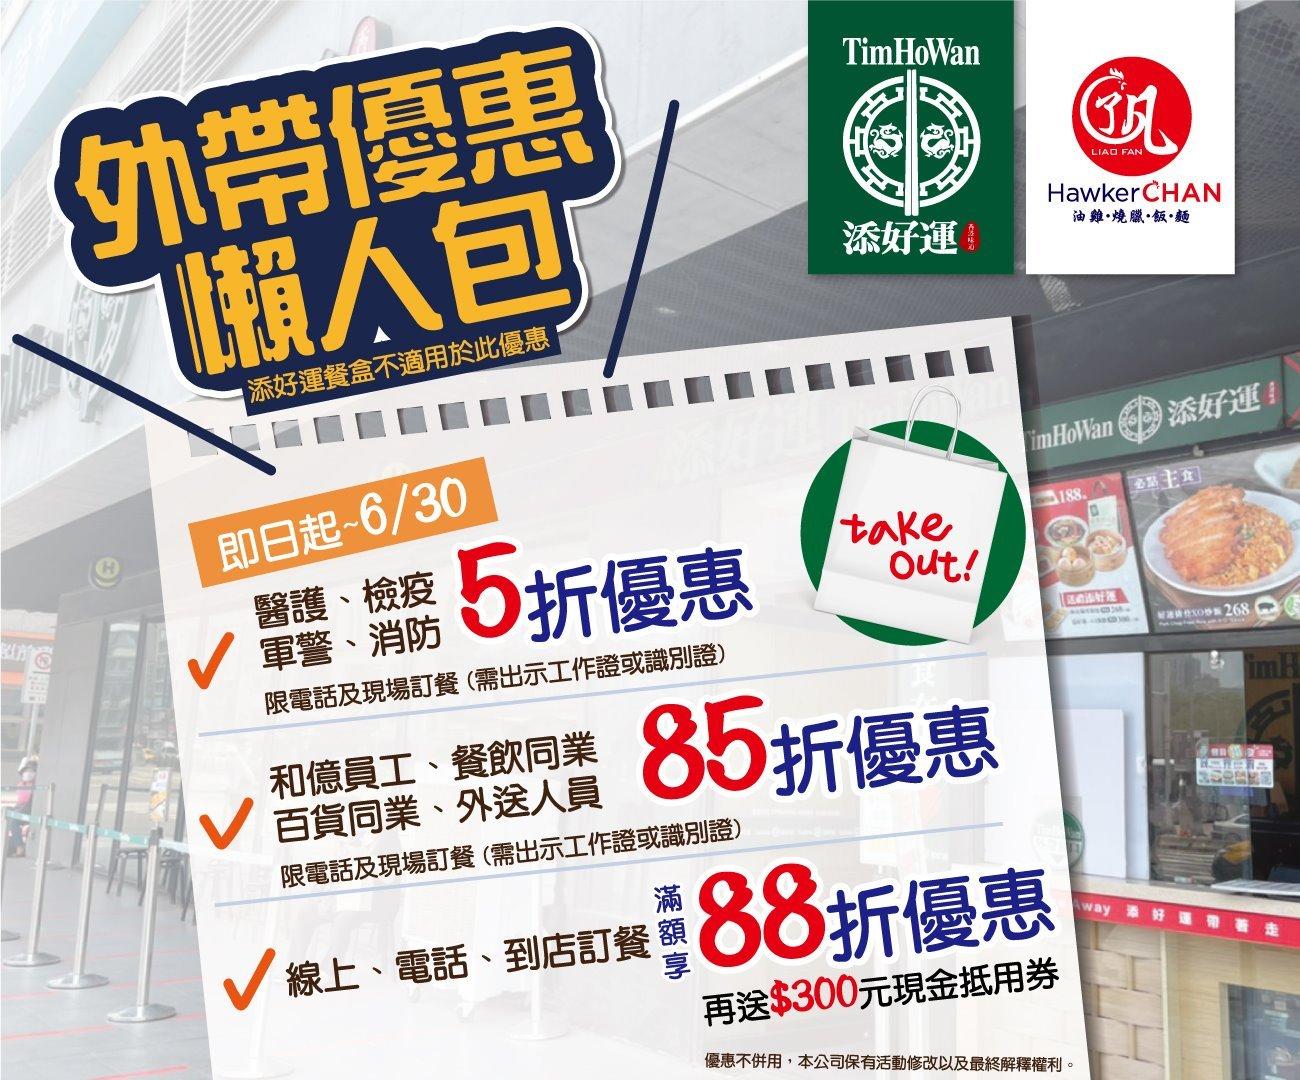 台北外帶美食 優惠餐廳總整理 防疫期間外帶優惠總整理! 連鎖品牌外帶優惠懶人包 76